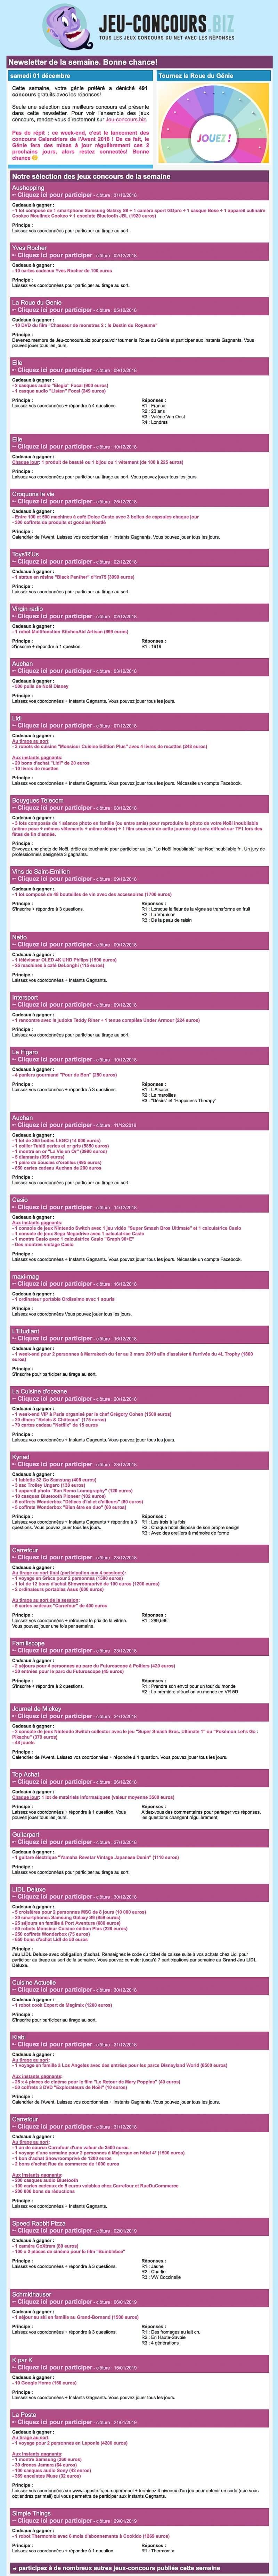 Newsletter Jeu Concours Biz Recevoir L Actualite Des Jeux Concours Sur Internet Par E Mail